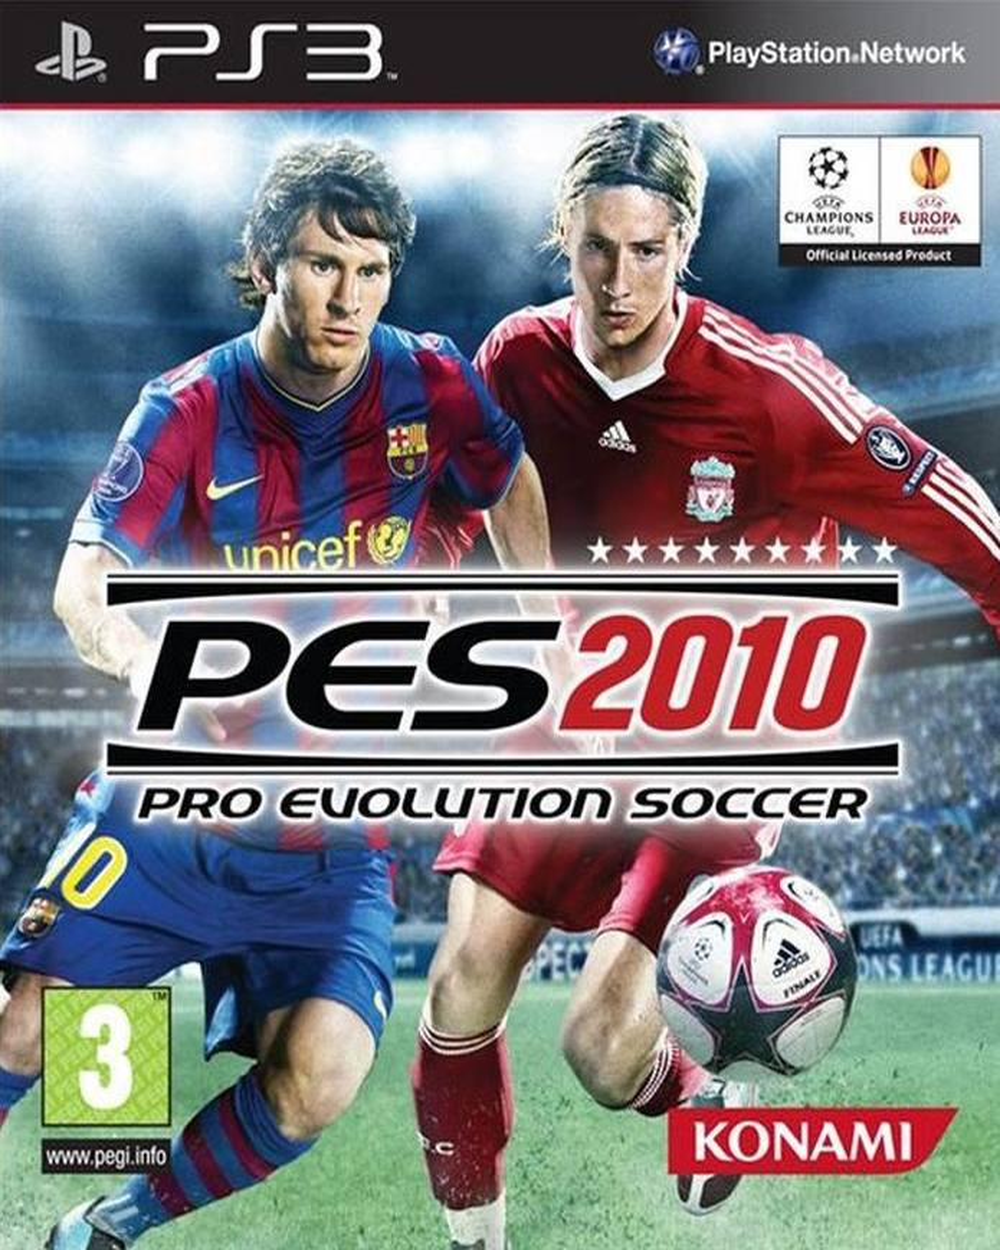 PS3 Pro Evolution Soccer 2010 PES 2010